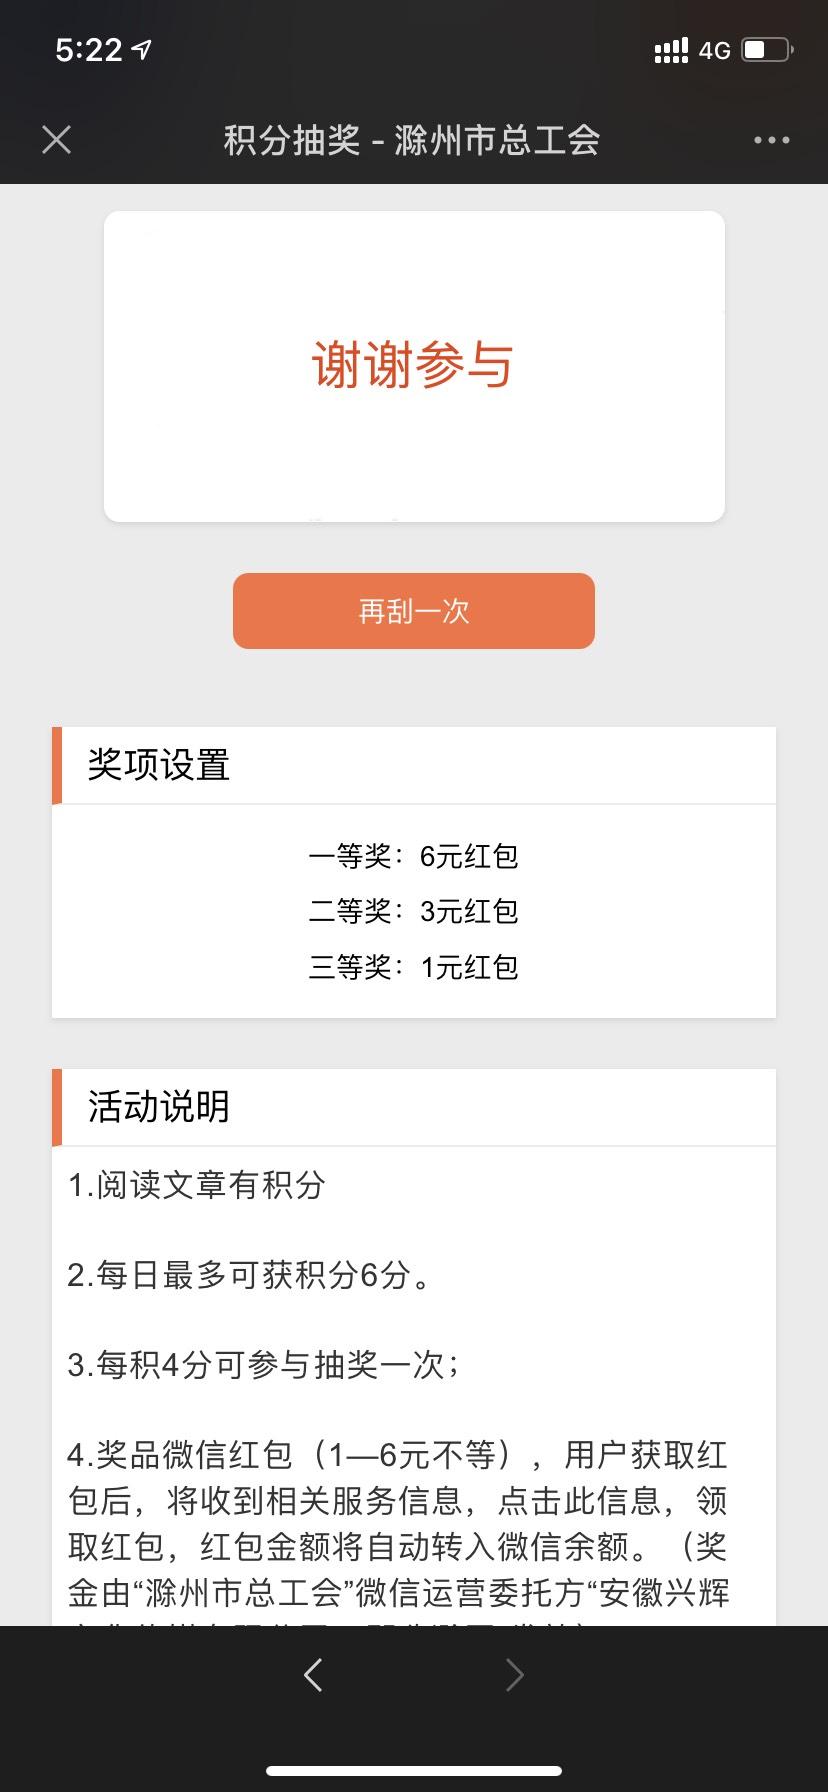 【现金红包】滁州市总工会阅读抽红包-聚合资源网